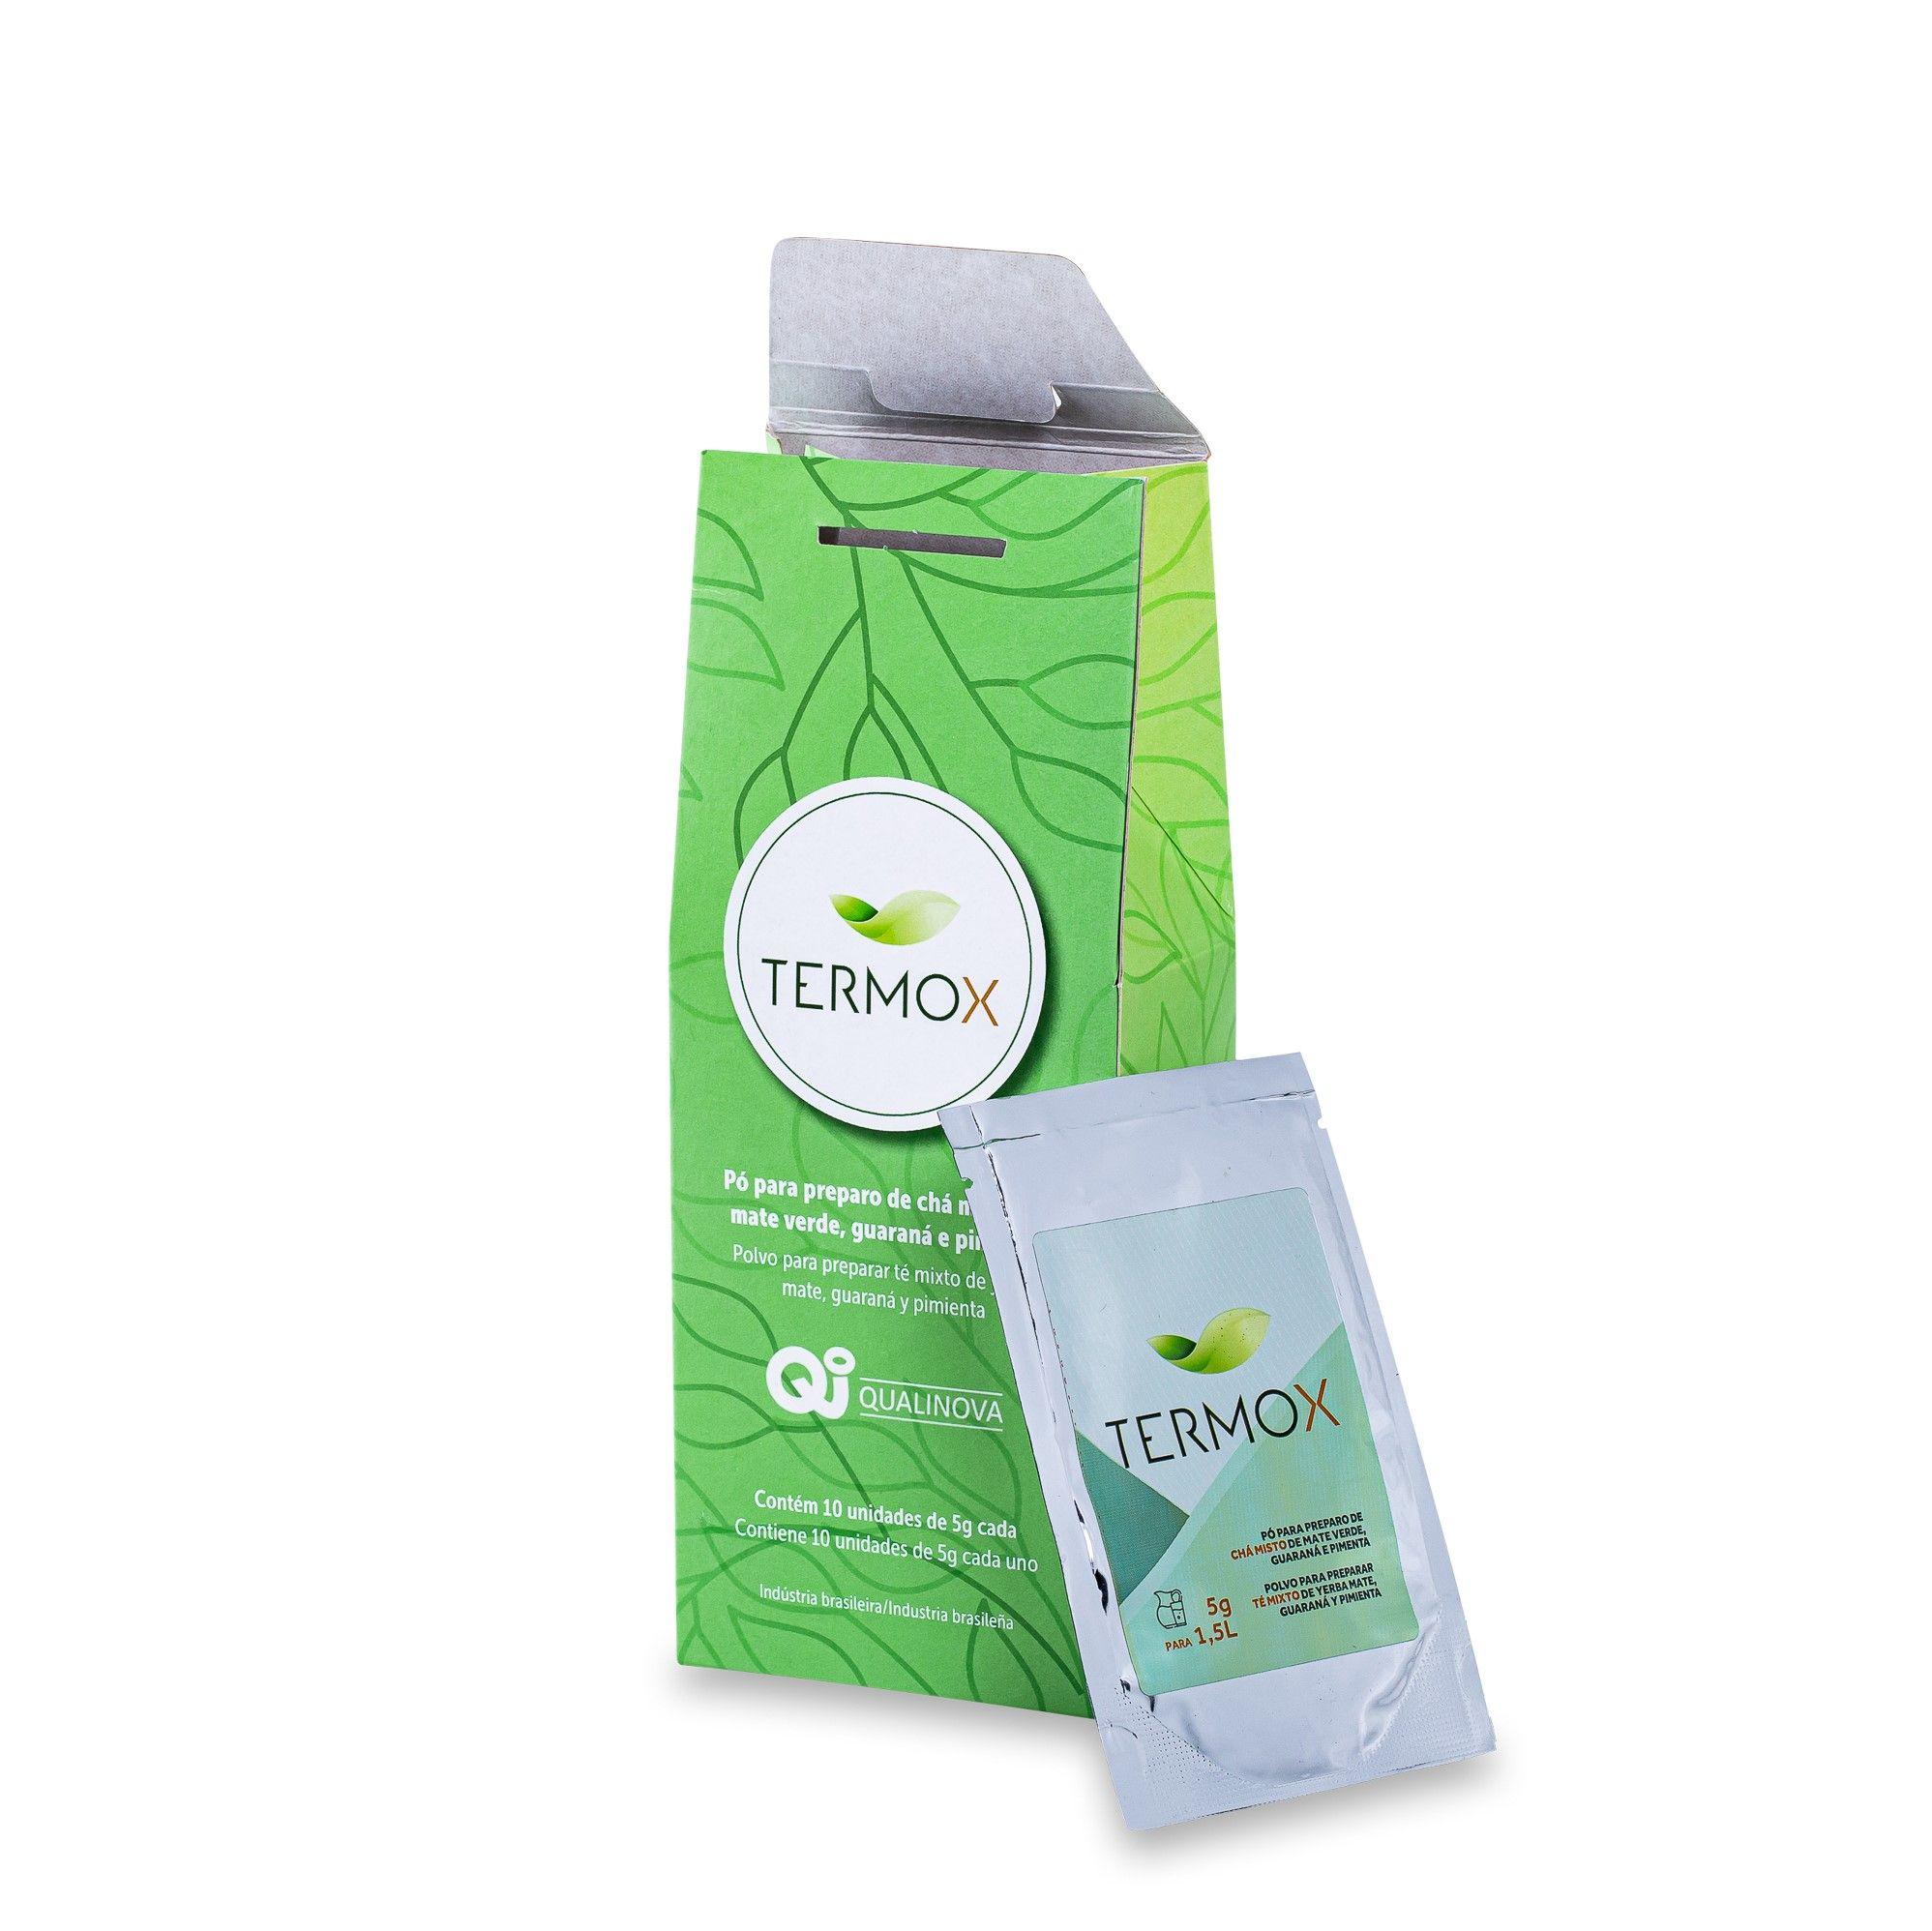 Termox (caixa com 10 sachês)